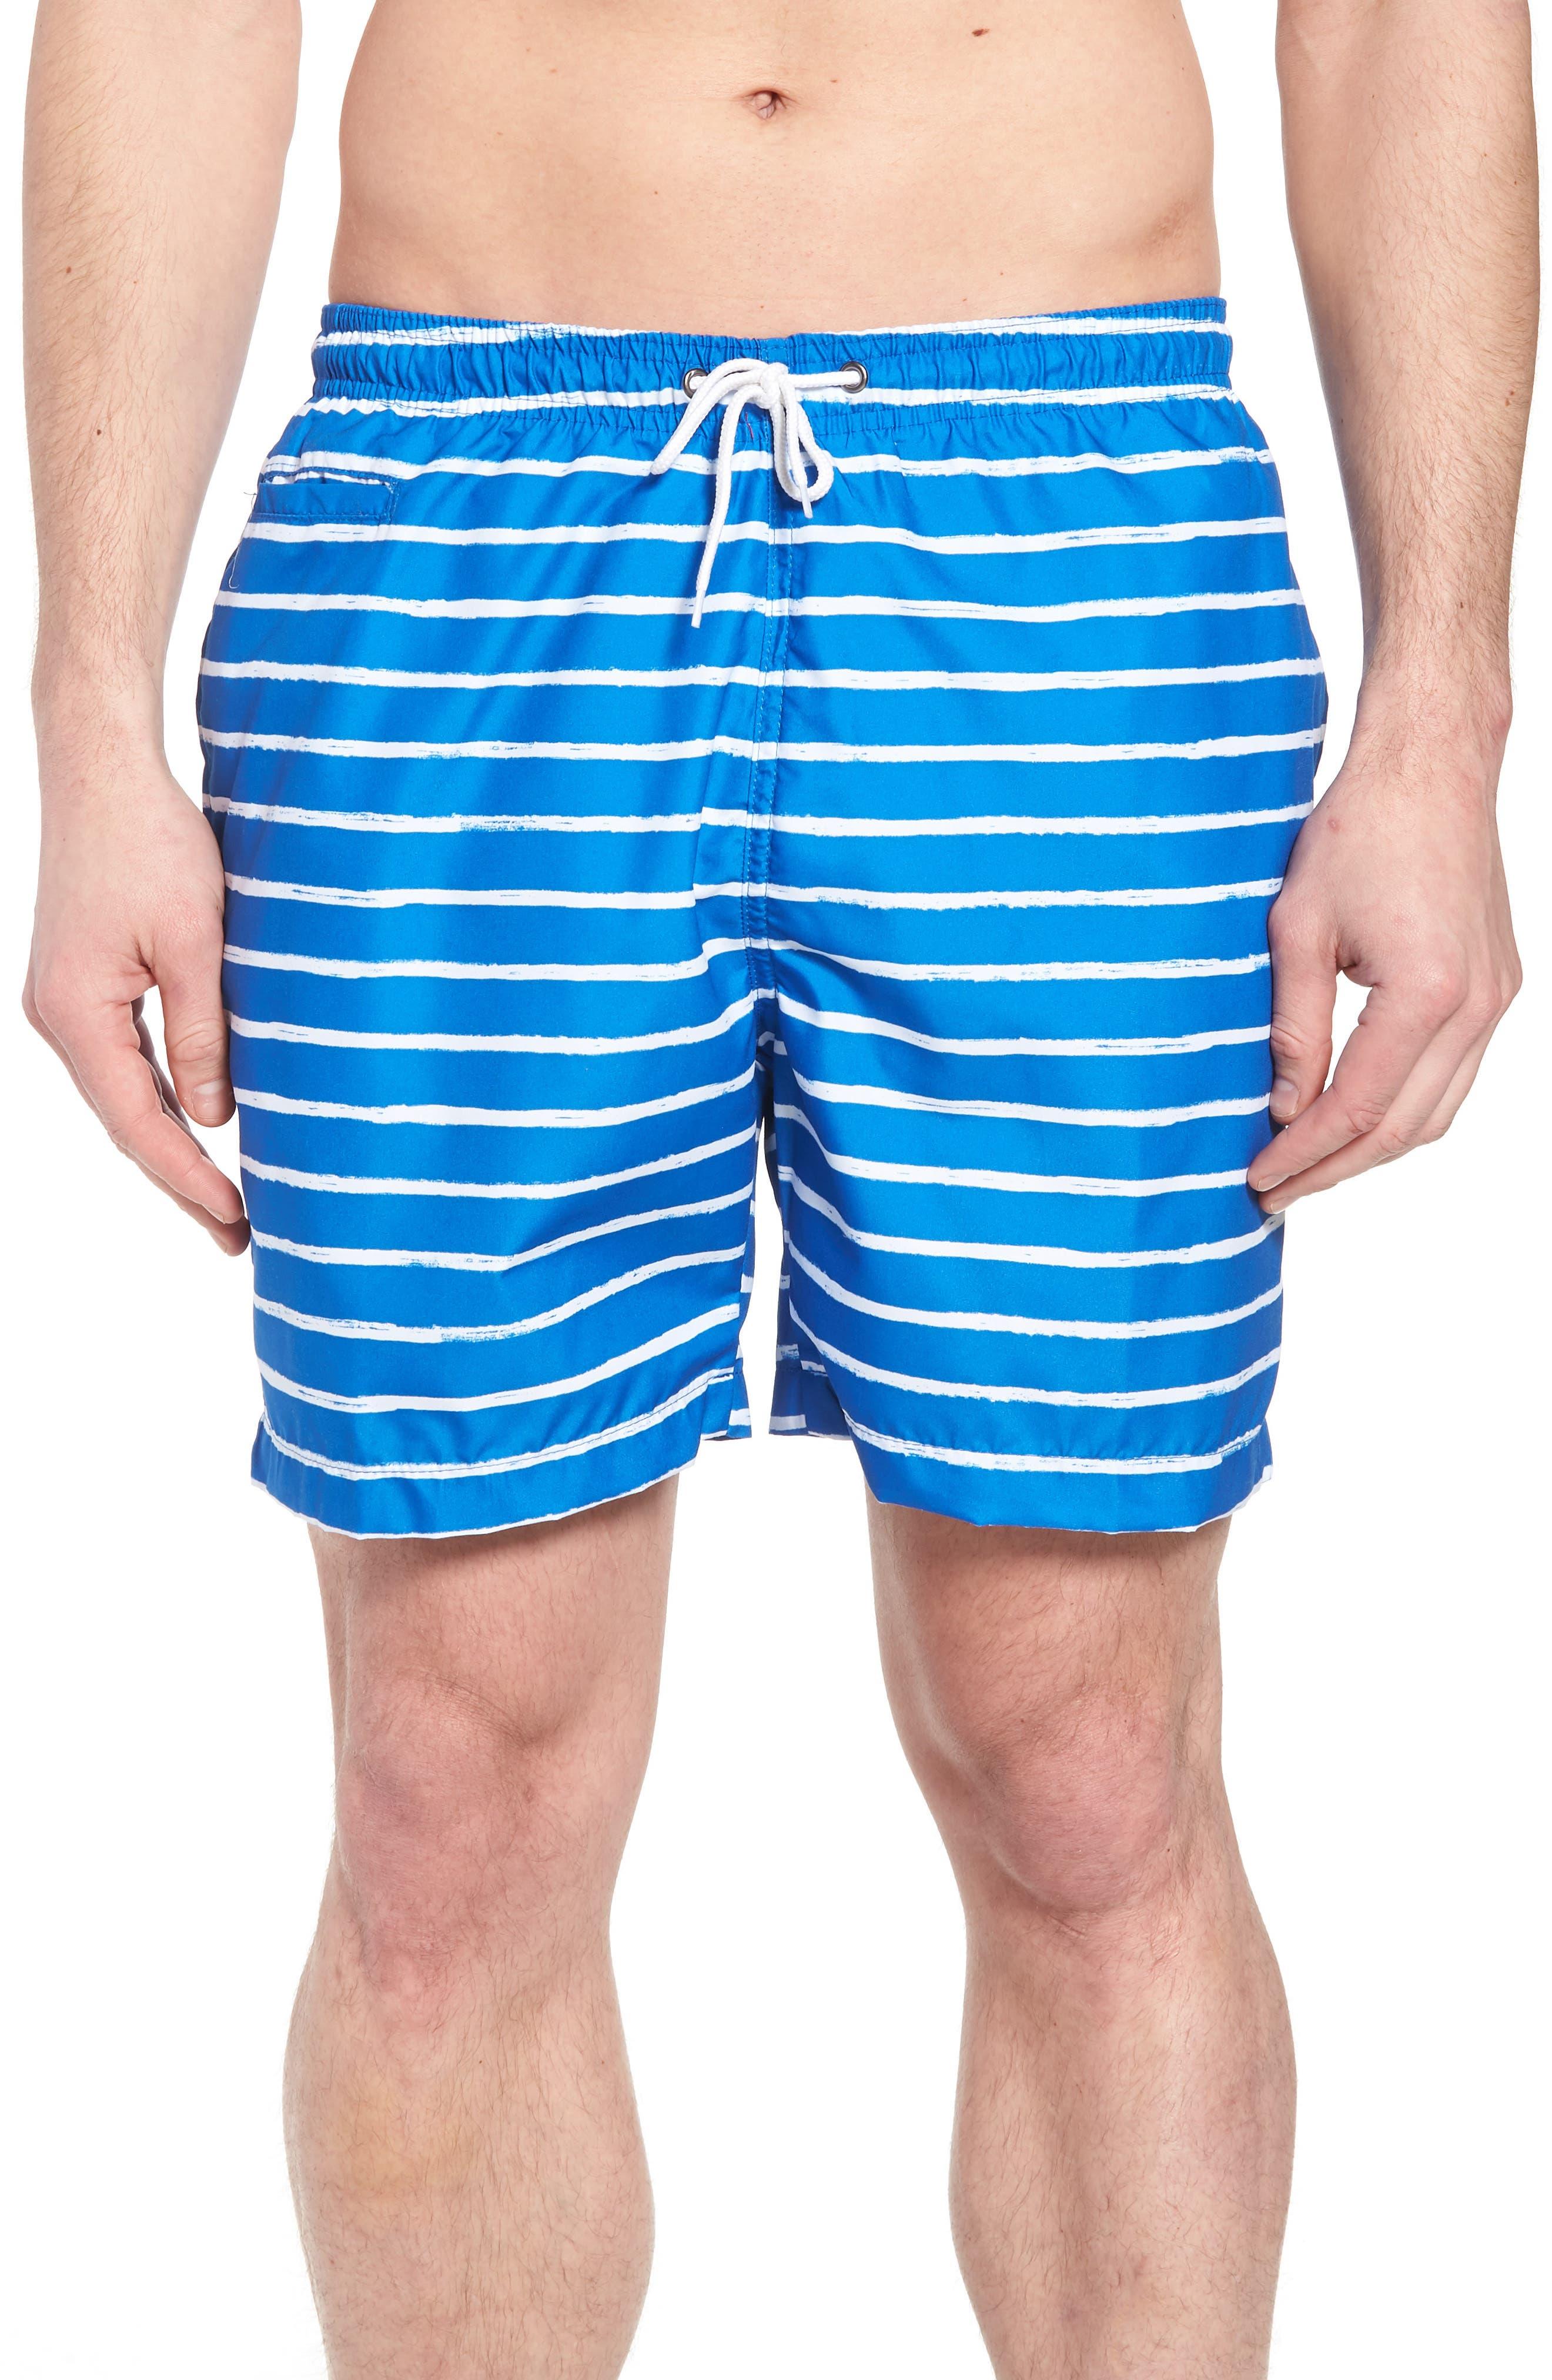 San O Stripe Swim Trunks,                             Main thumbnail 1, color,                             416